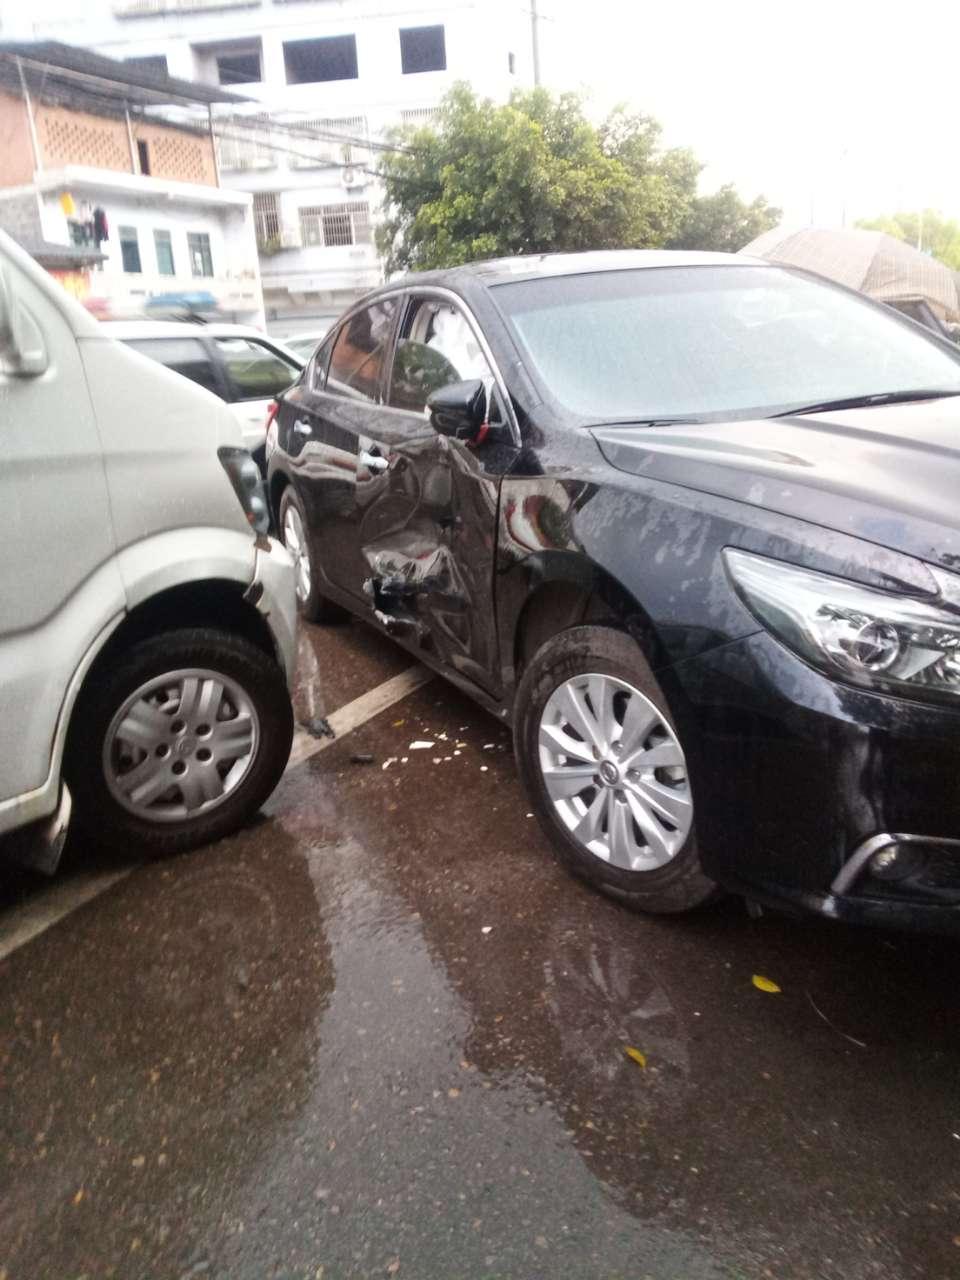 在白鹤街道,一女司机开的小车在实线左转弯与对直行车辆撞了,还不承认是她的责任!